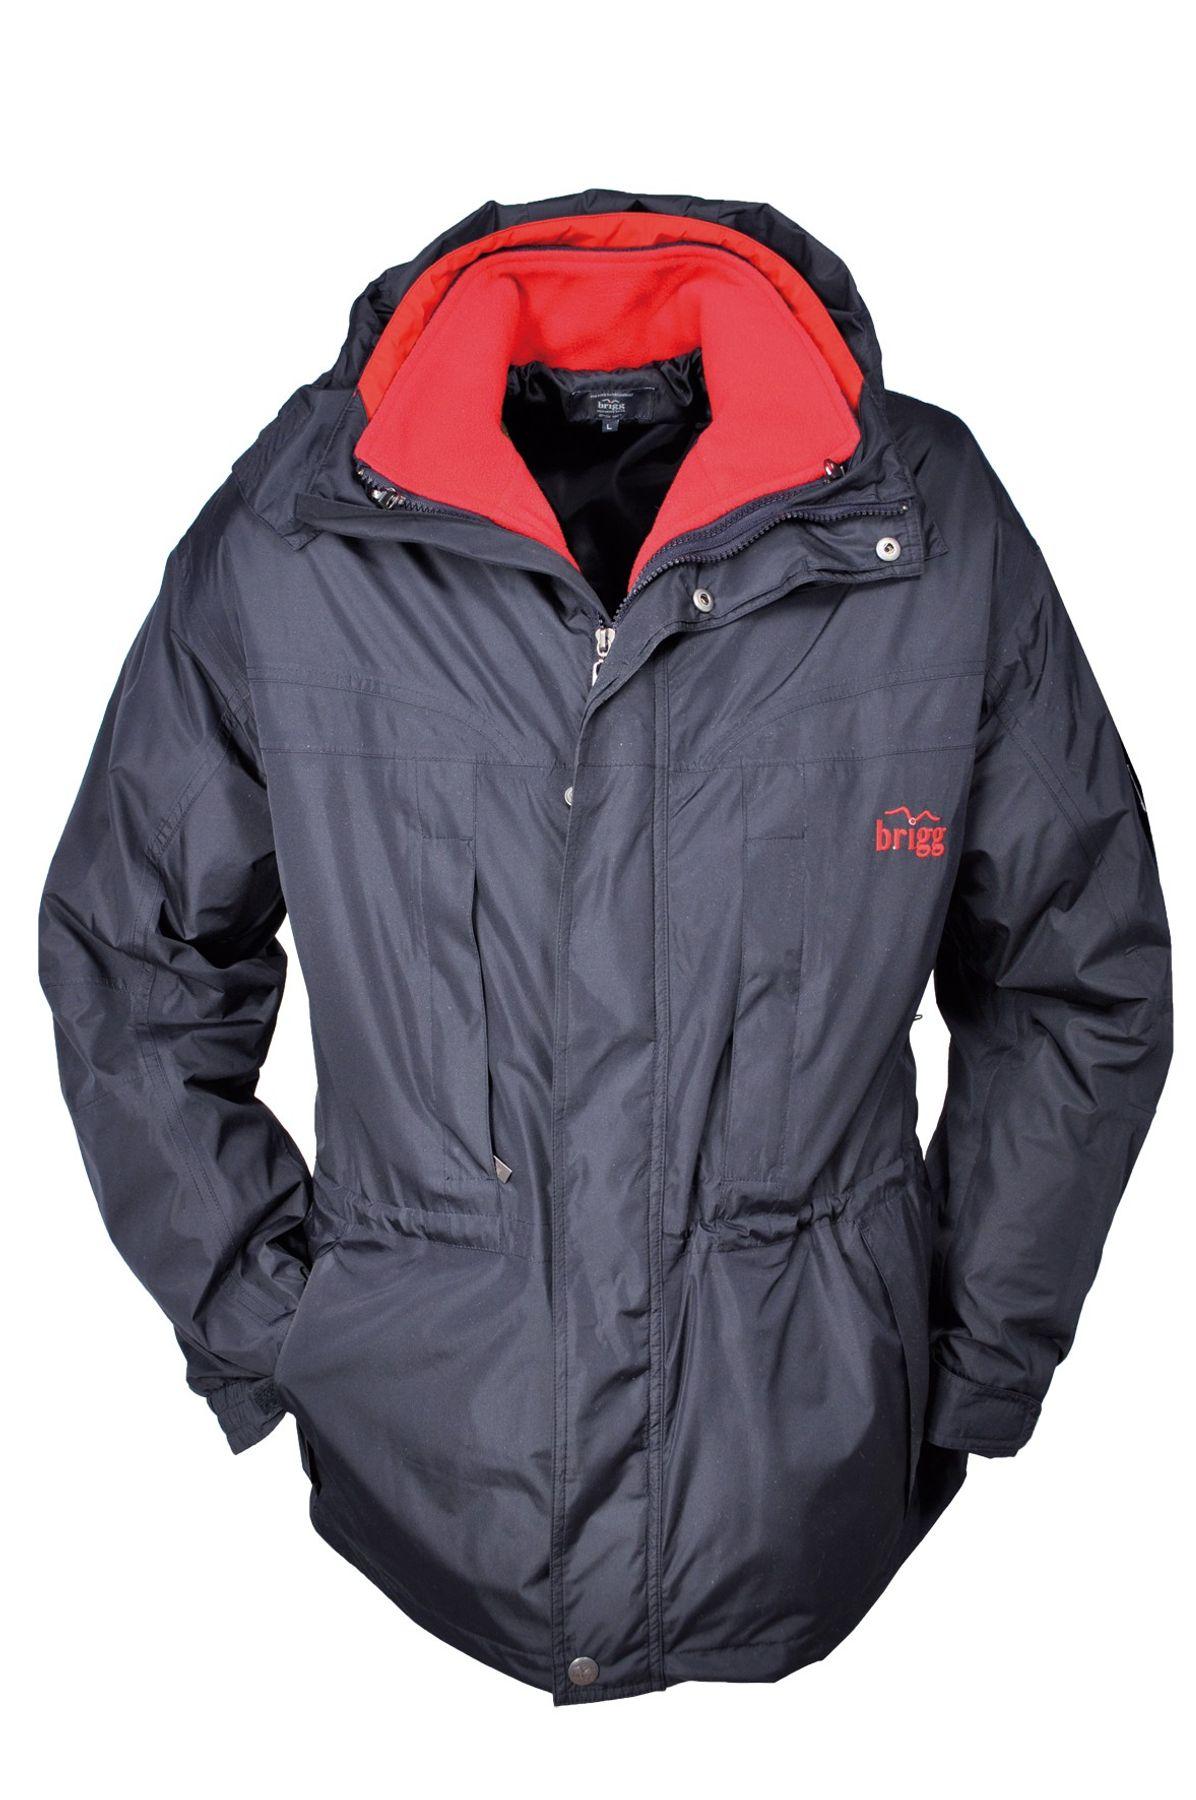 Brigg -  Herren Outdoor Jacke in Schwarz oder Blau (1003 2005) – Bild 3